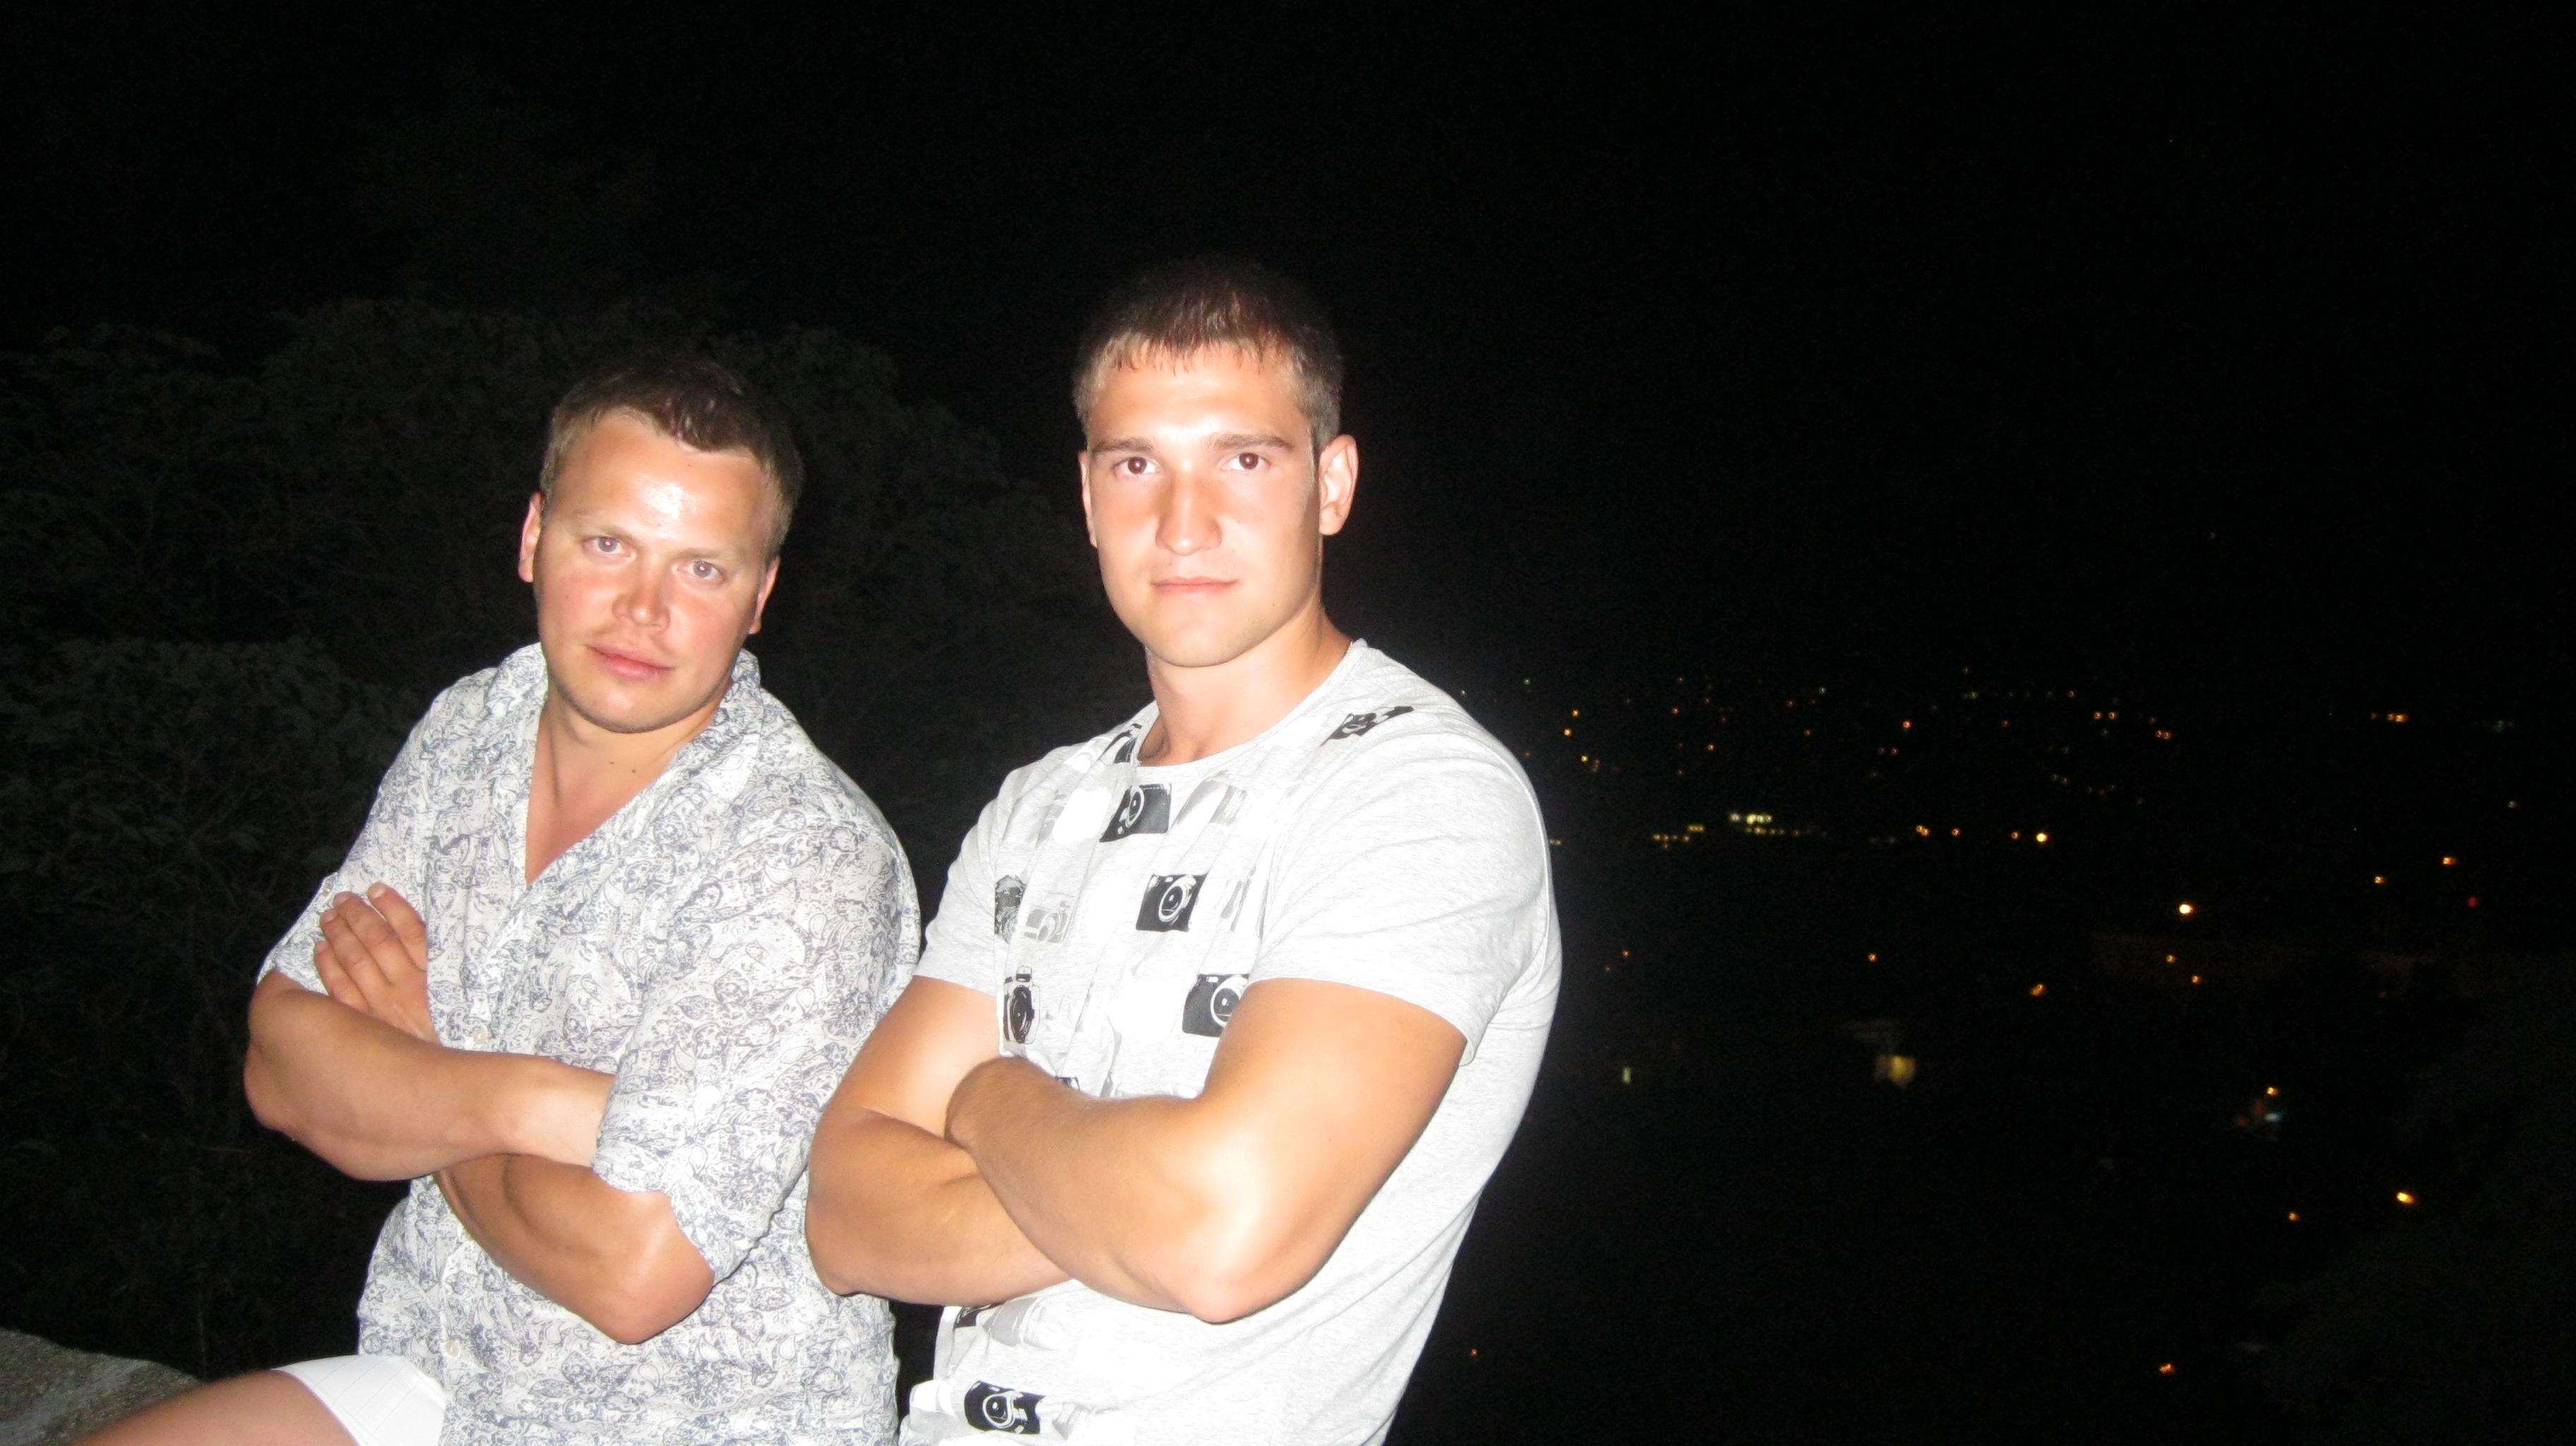 помогите найти этого мальчика, который справа!!!